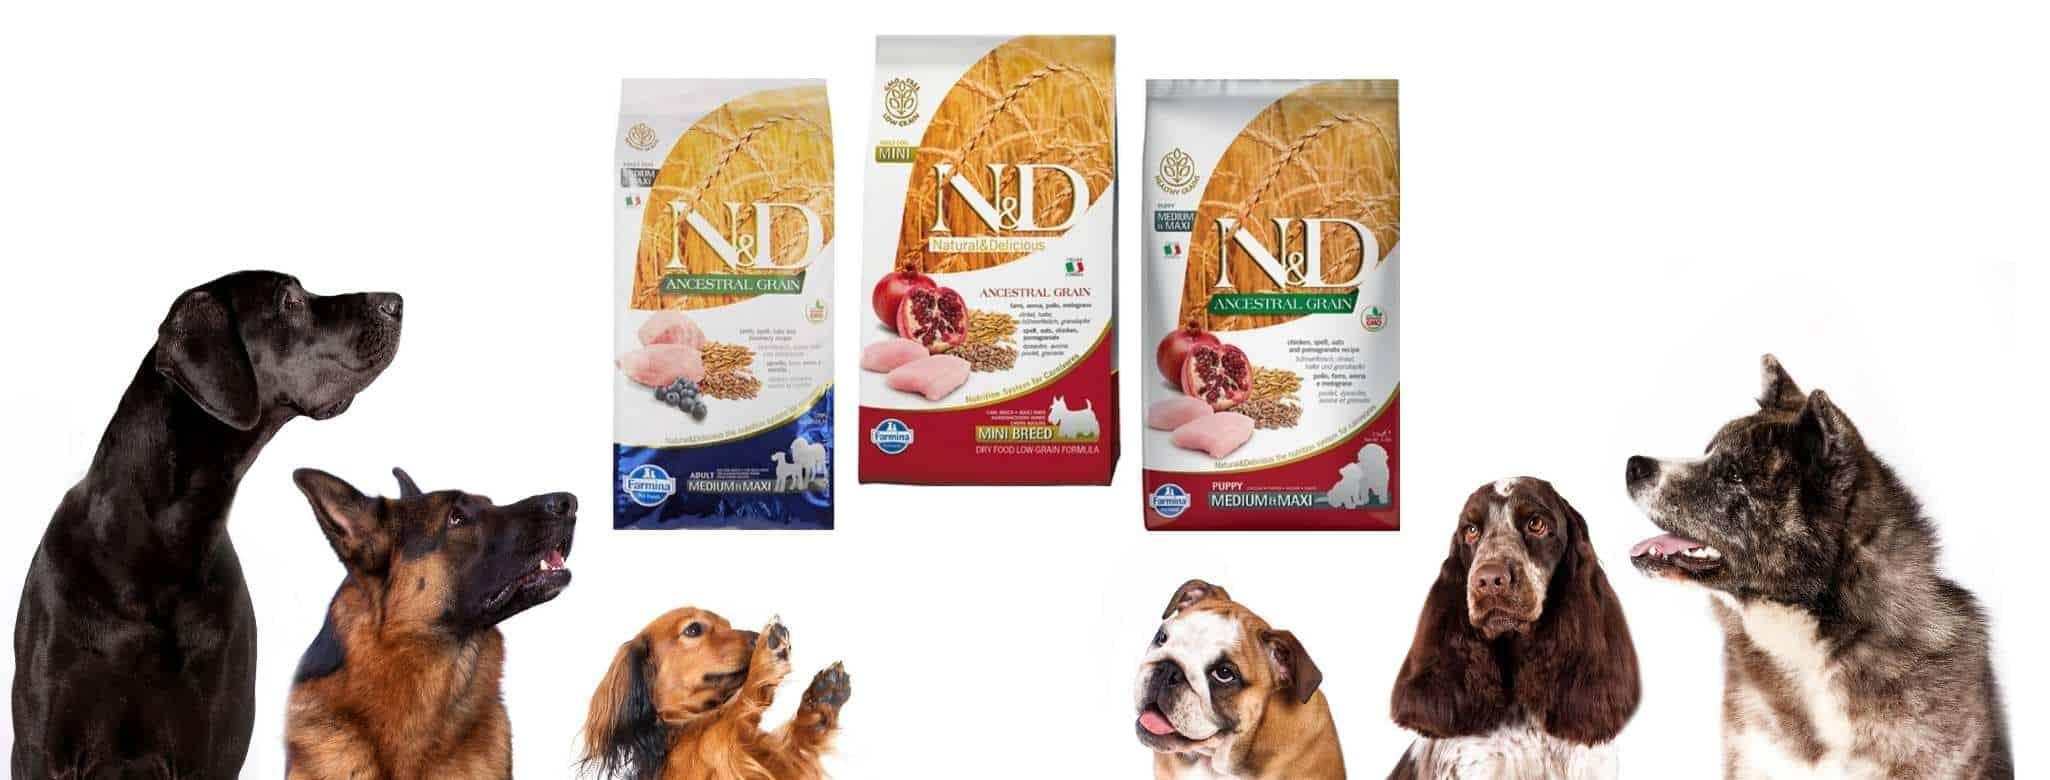 farmina dog food reviews